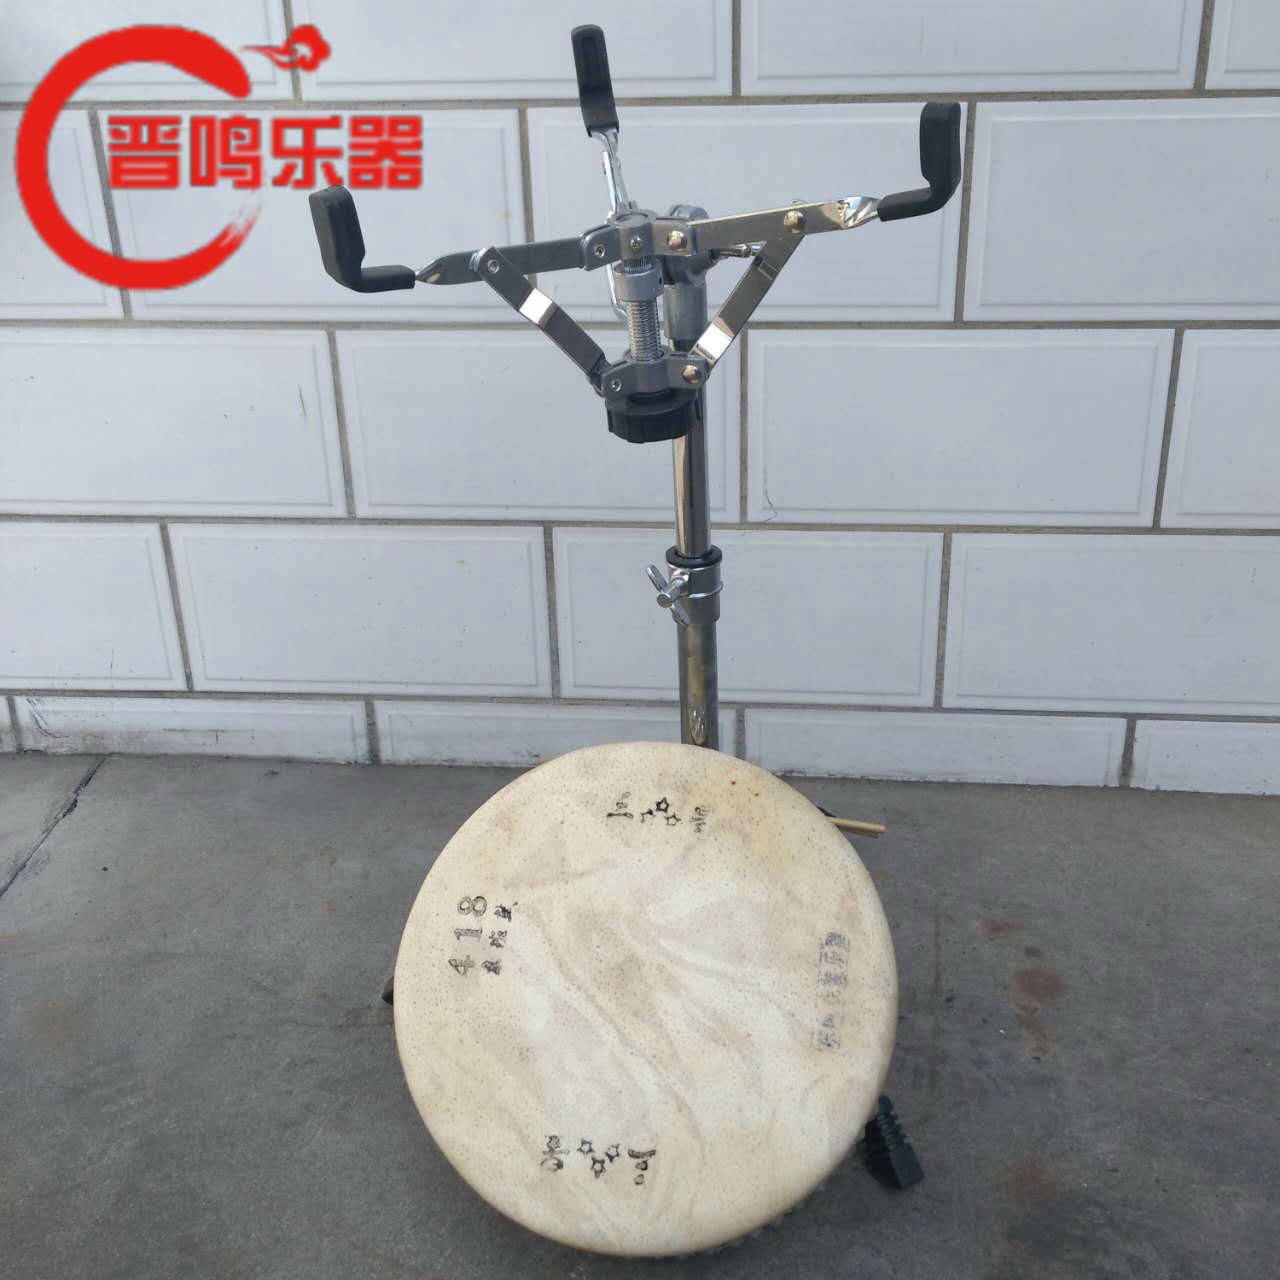 Пекин класс барабан полка высококачественный доска барабан рамка нержавеющая сталь треугольник доска барабан стоять монтаж складные тип доска барабан полка